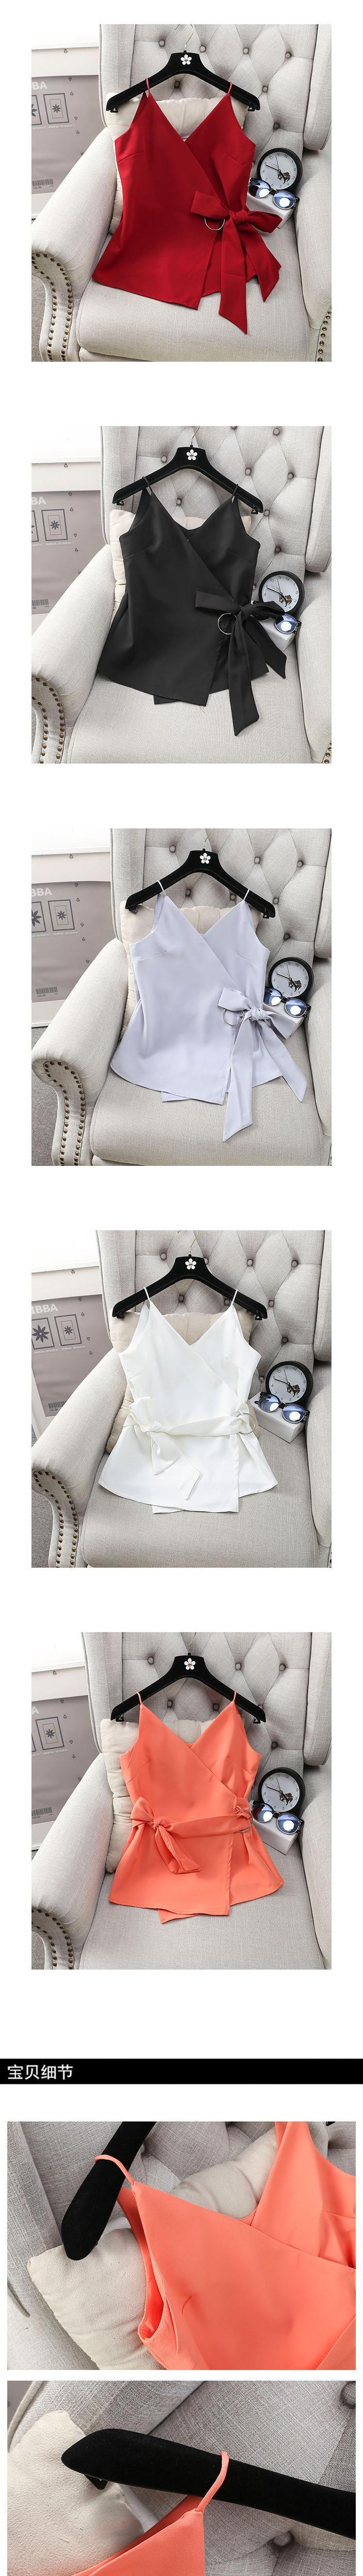 [Alphalmoda] Женская мода металлический ремешок v образным вырезом без рукавов Куртка Рубашка Тонкий Летние шифоновые блузки, топы купить на AliExpress